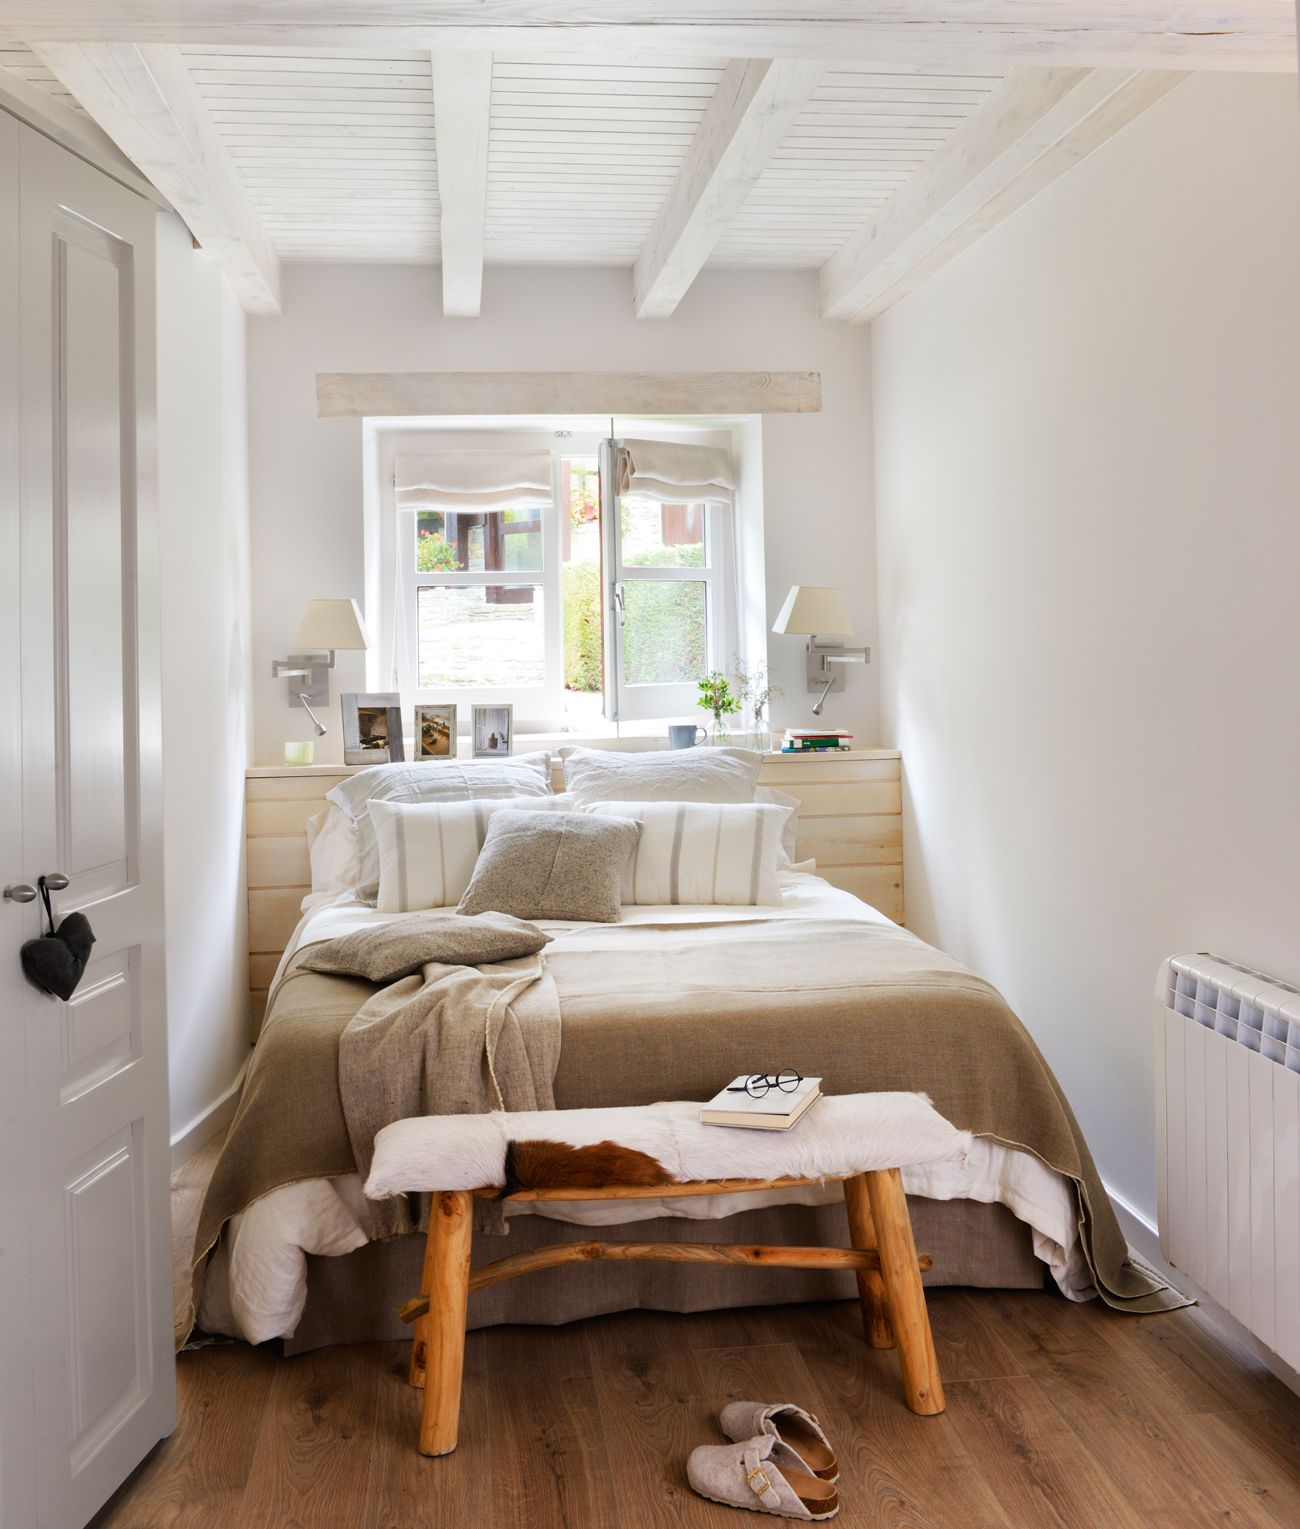 Mindfulhome una casa que te har m s feliz bedroom for Color de moda para el dormitorio principal